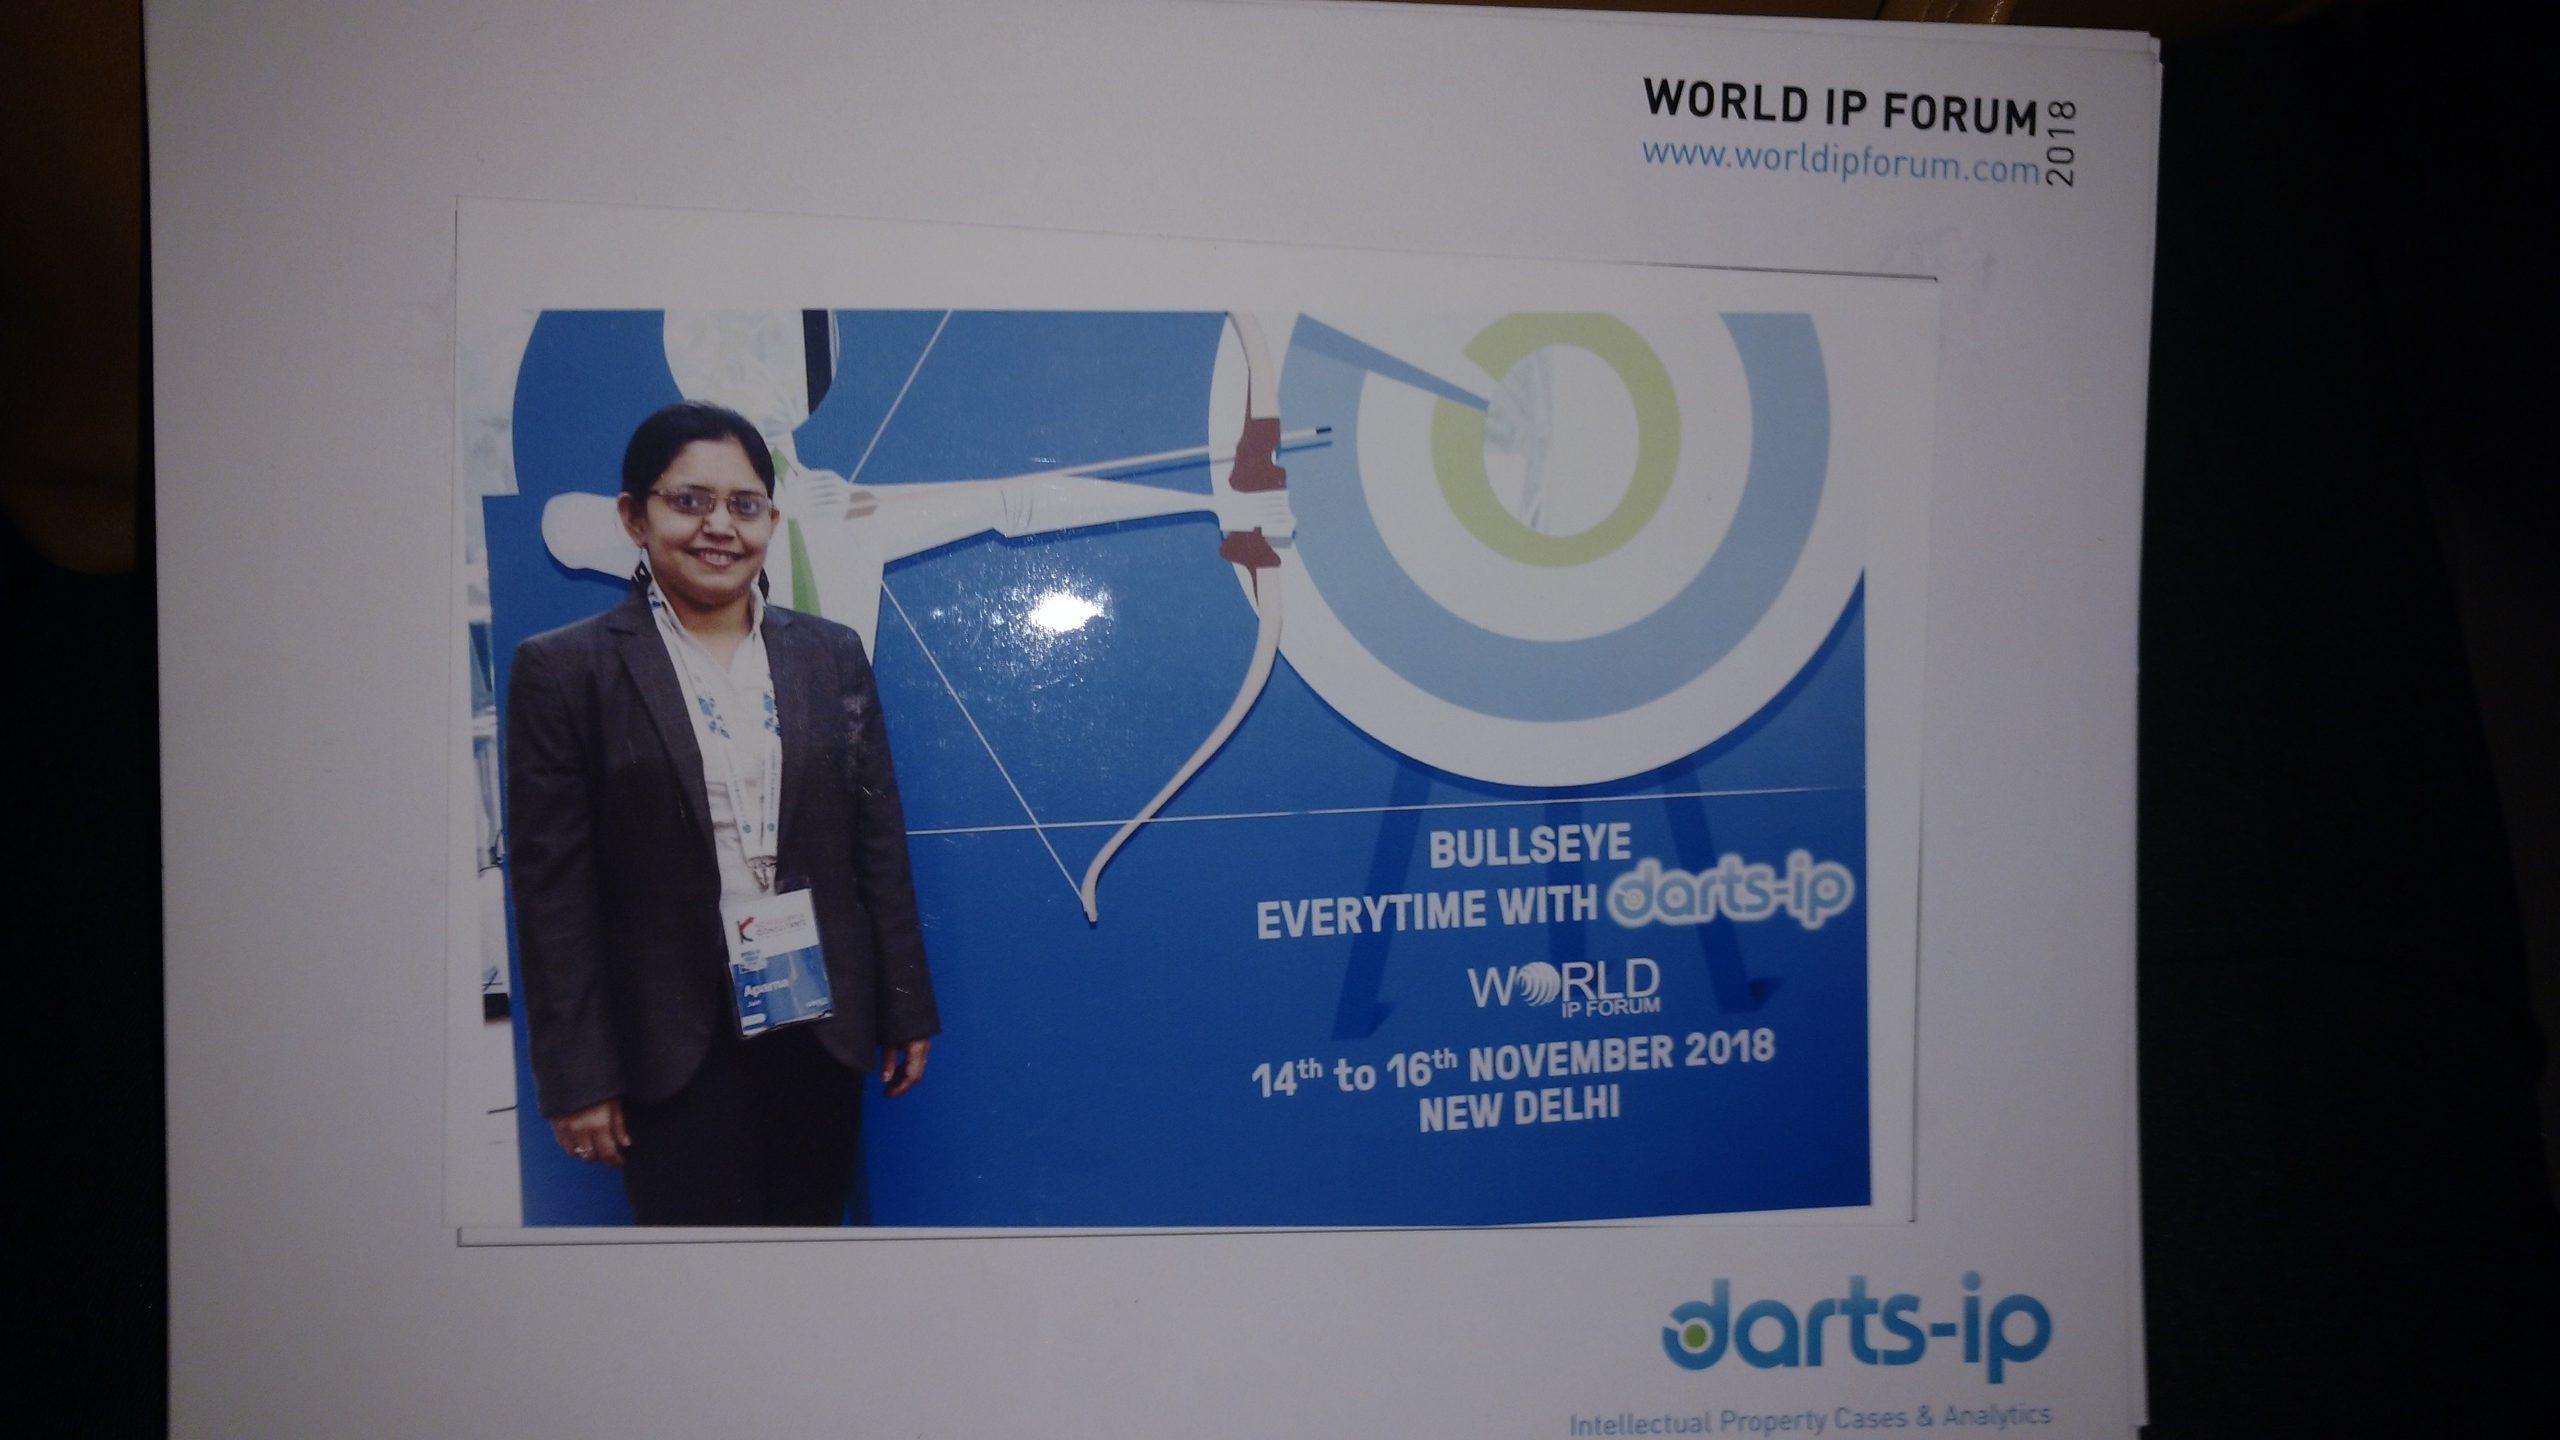 WORLD-IP-FORUM-2018-INDIA-scaled-1.jpg